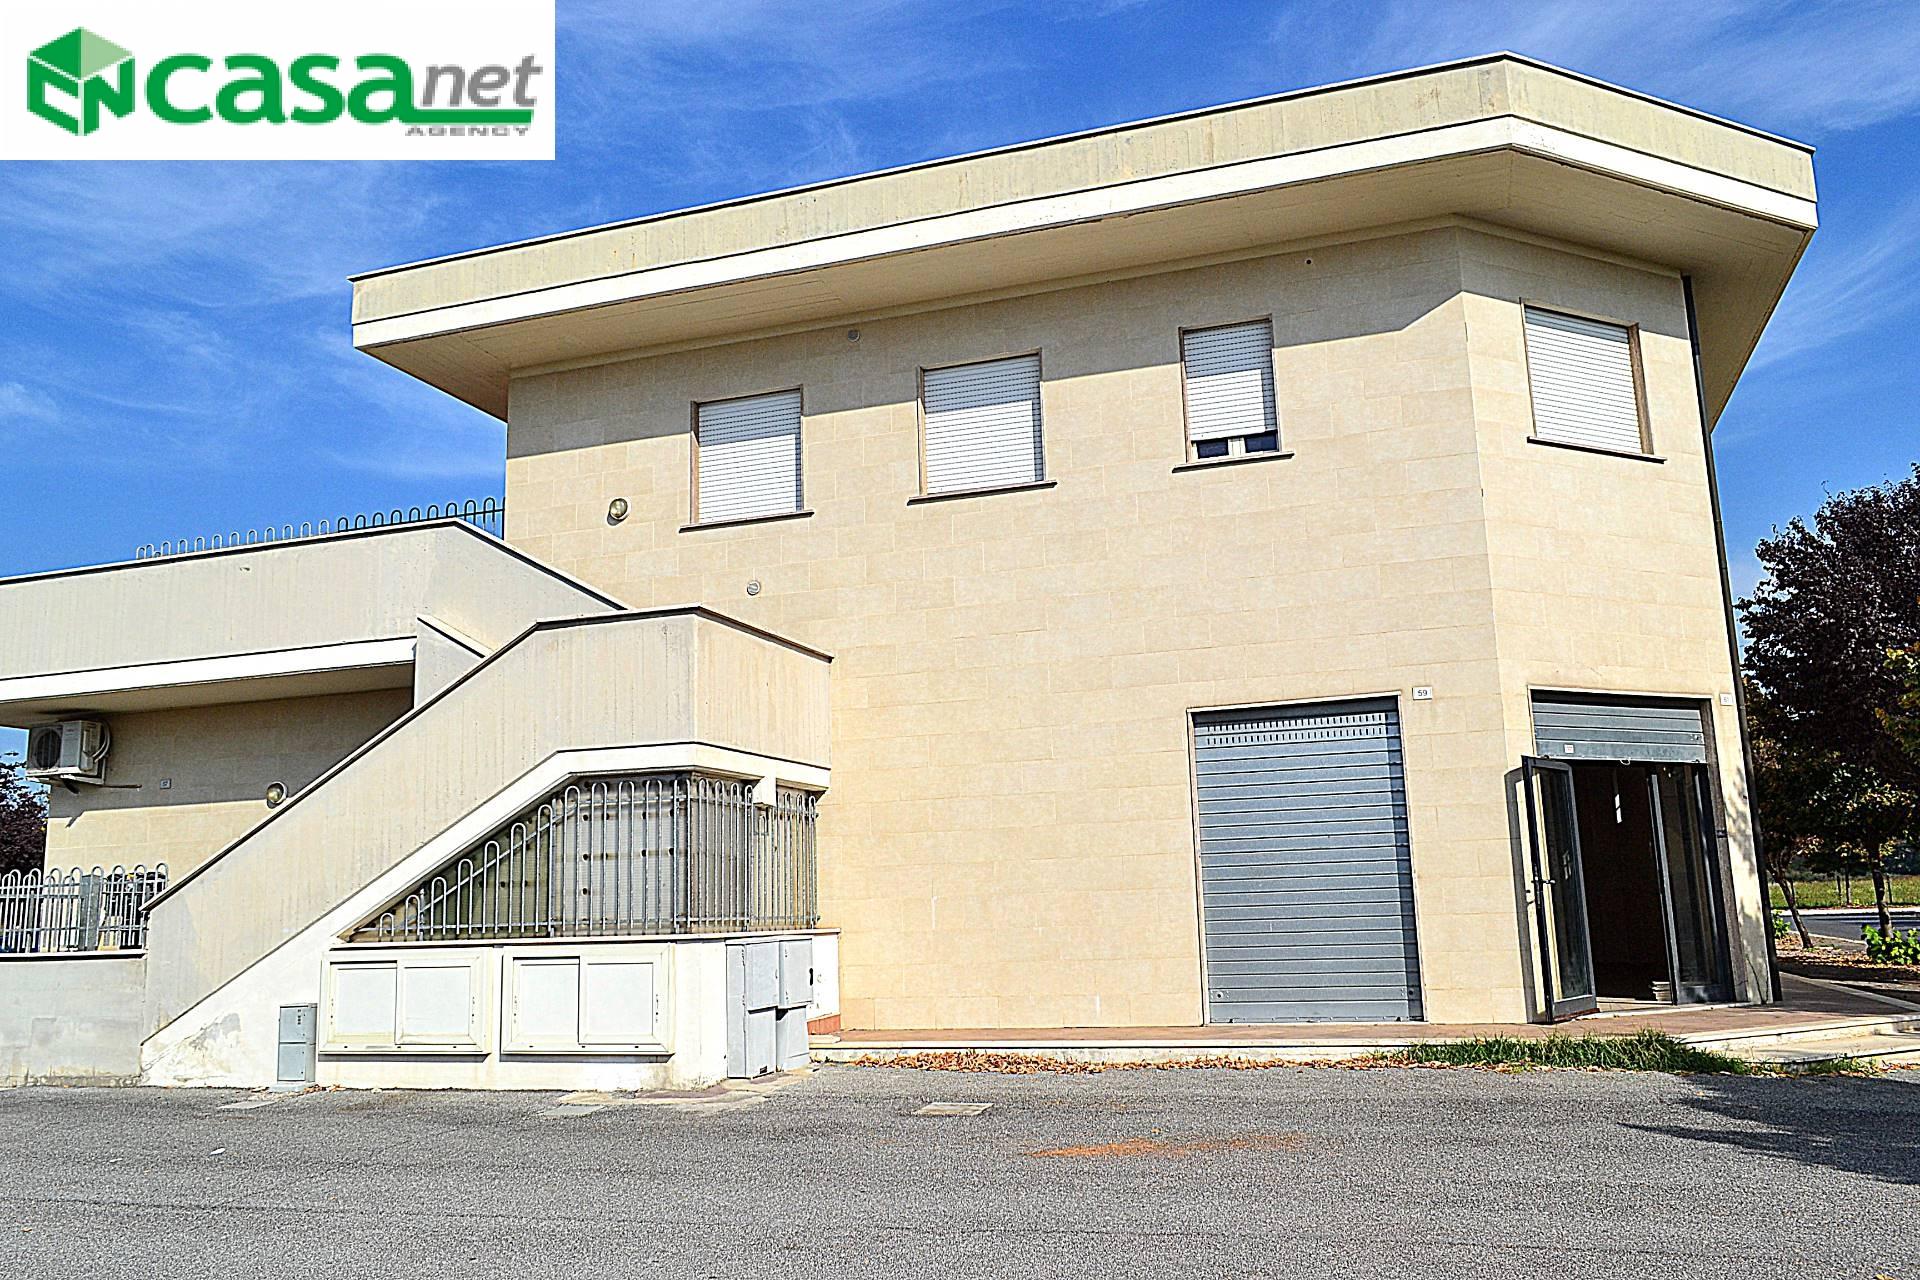 Negozio / Locale in affitto a Guidonia Montecelio, 9999 locali, zona Località: ColleFiorito, prezzo € 1.200 | CambioCasa.it